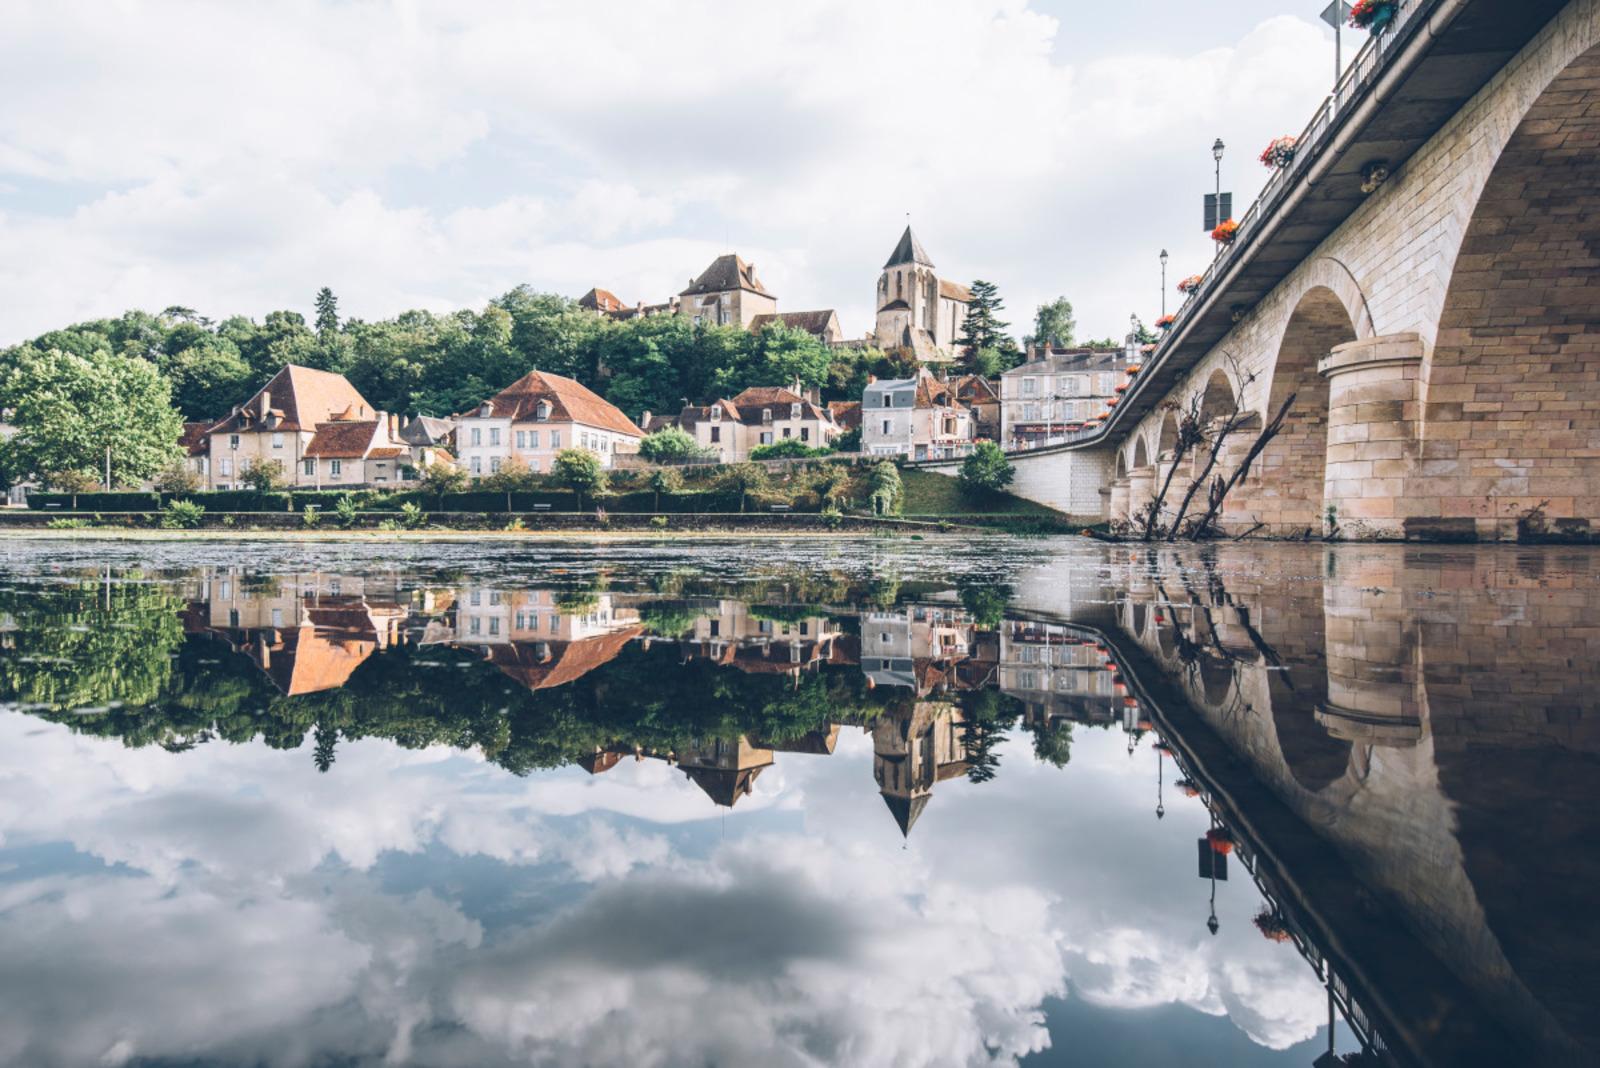 vue sur la ville haute de Le Blanc ©Bestjobers - Max Coquard